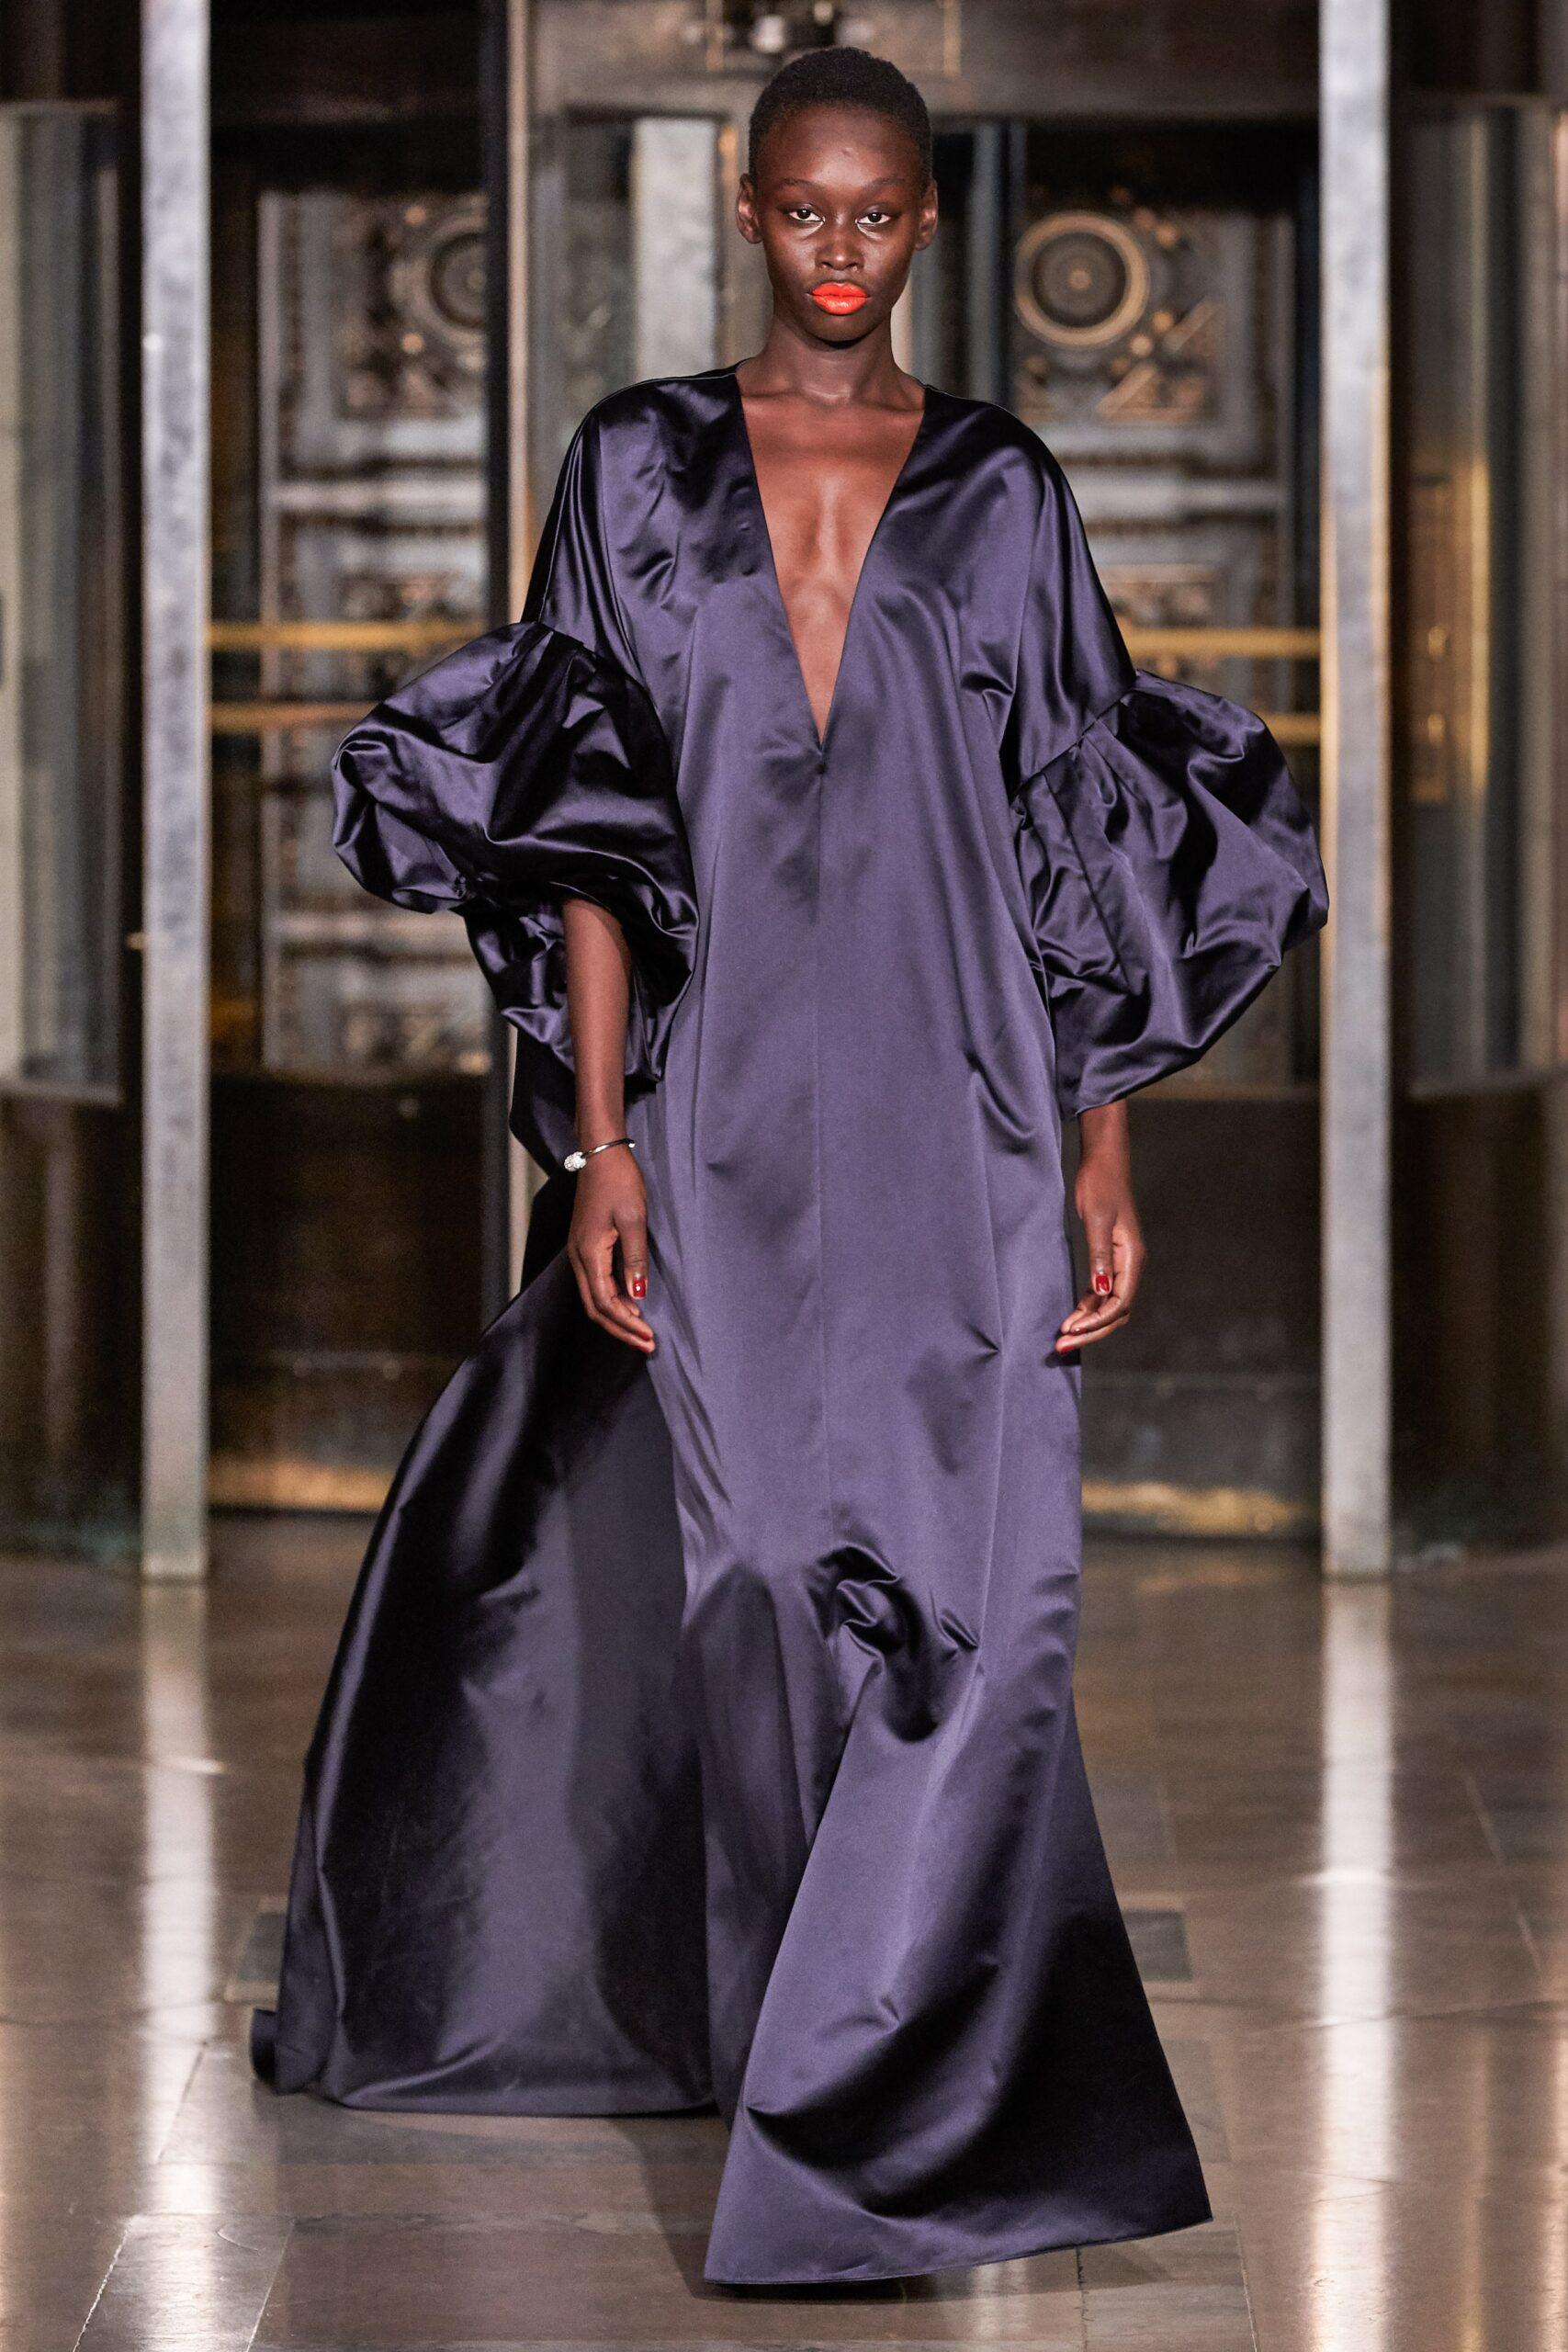 Oscar de la Renta Fall 2020 ready-to-wear